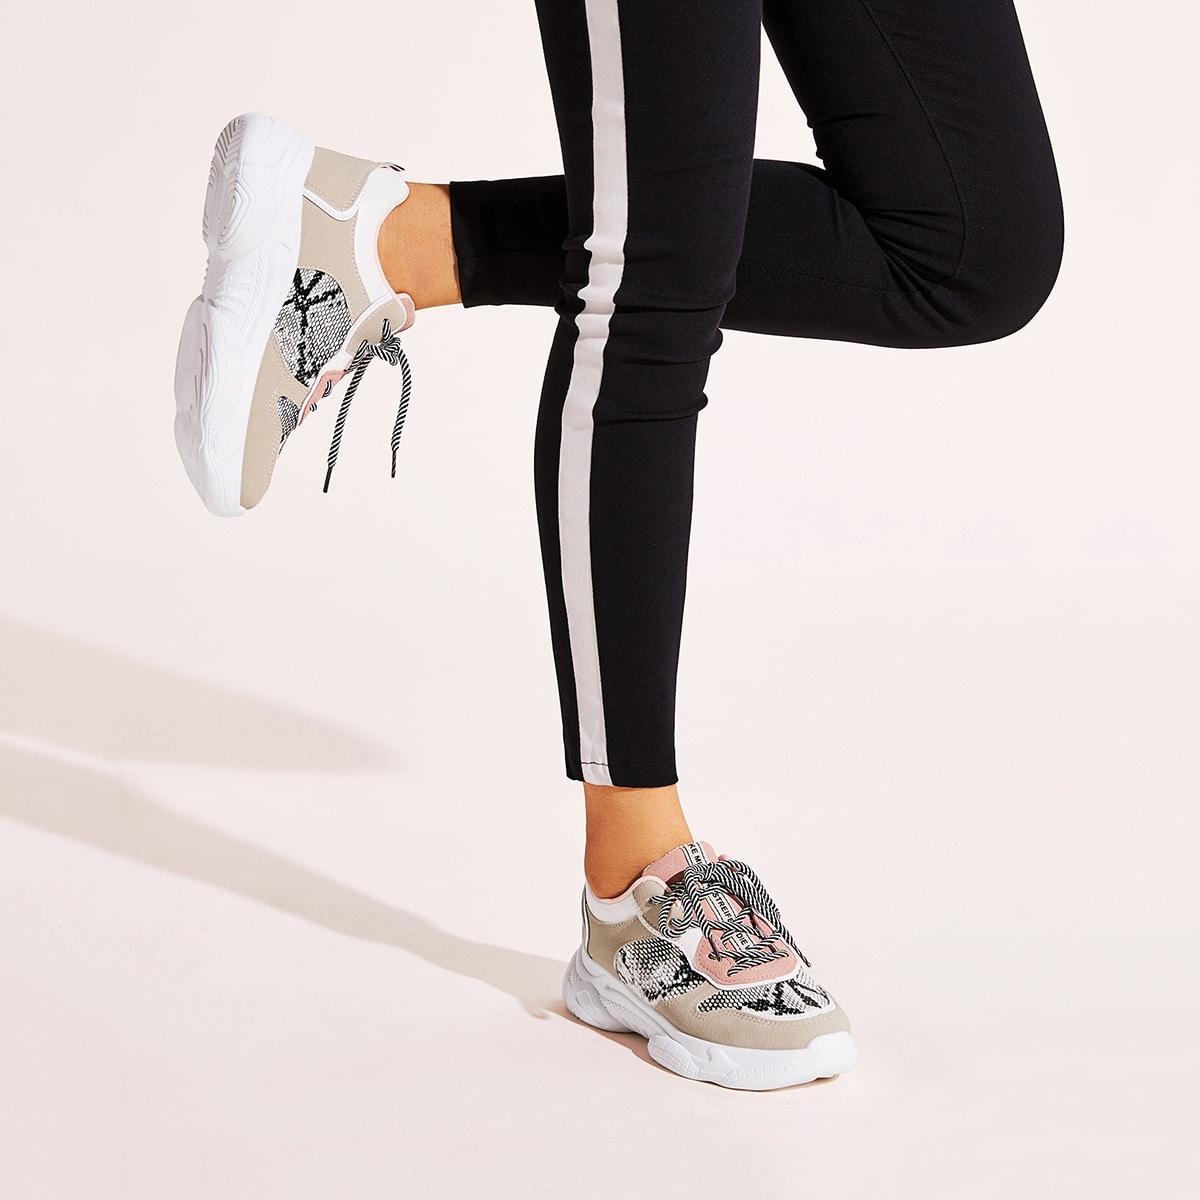 Кроссовки на шнуровке с змеиным принтом от SHEIN